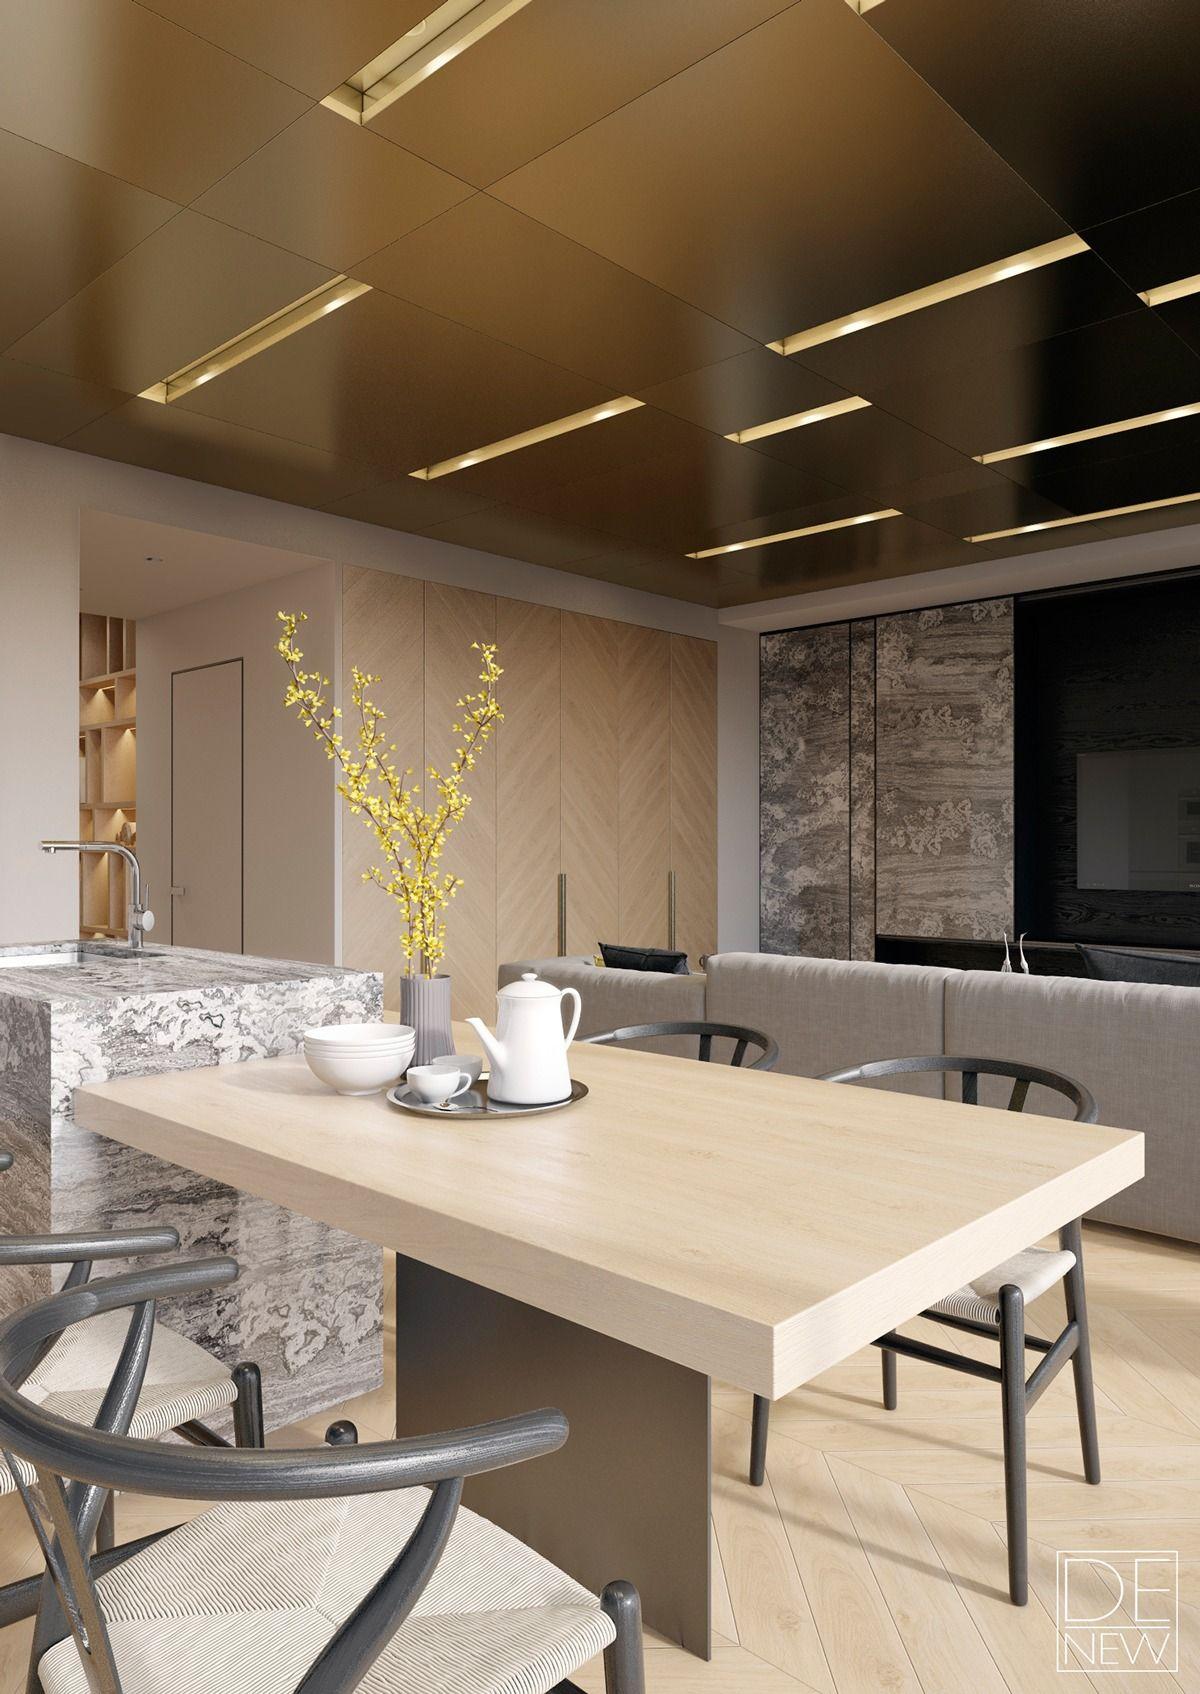 Luxury Fold Out Breakfast Bar